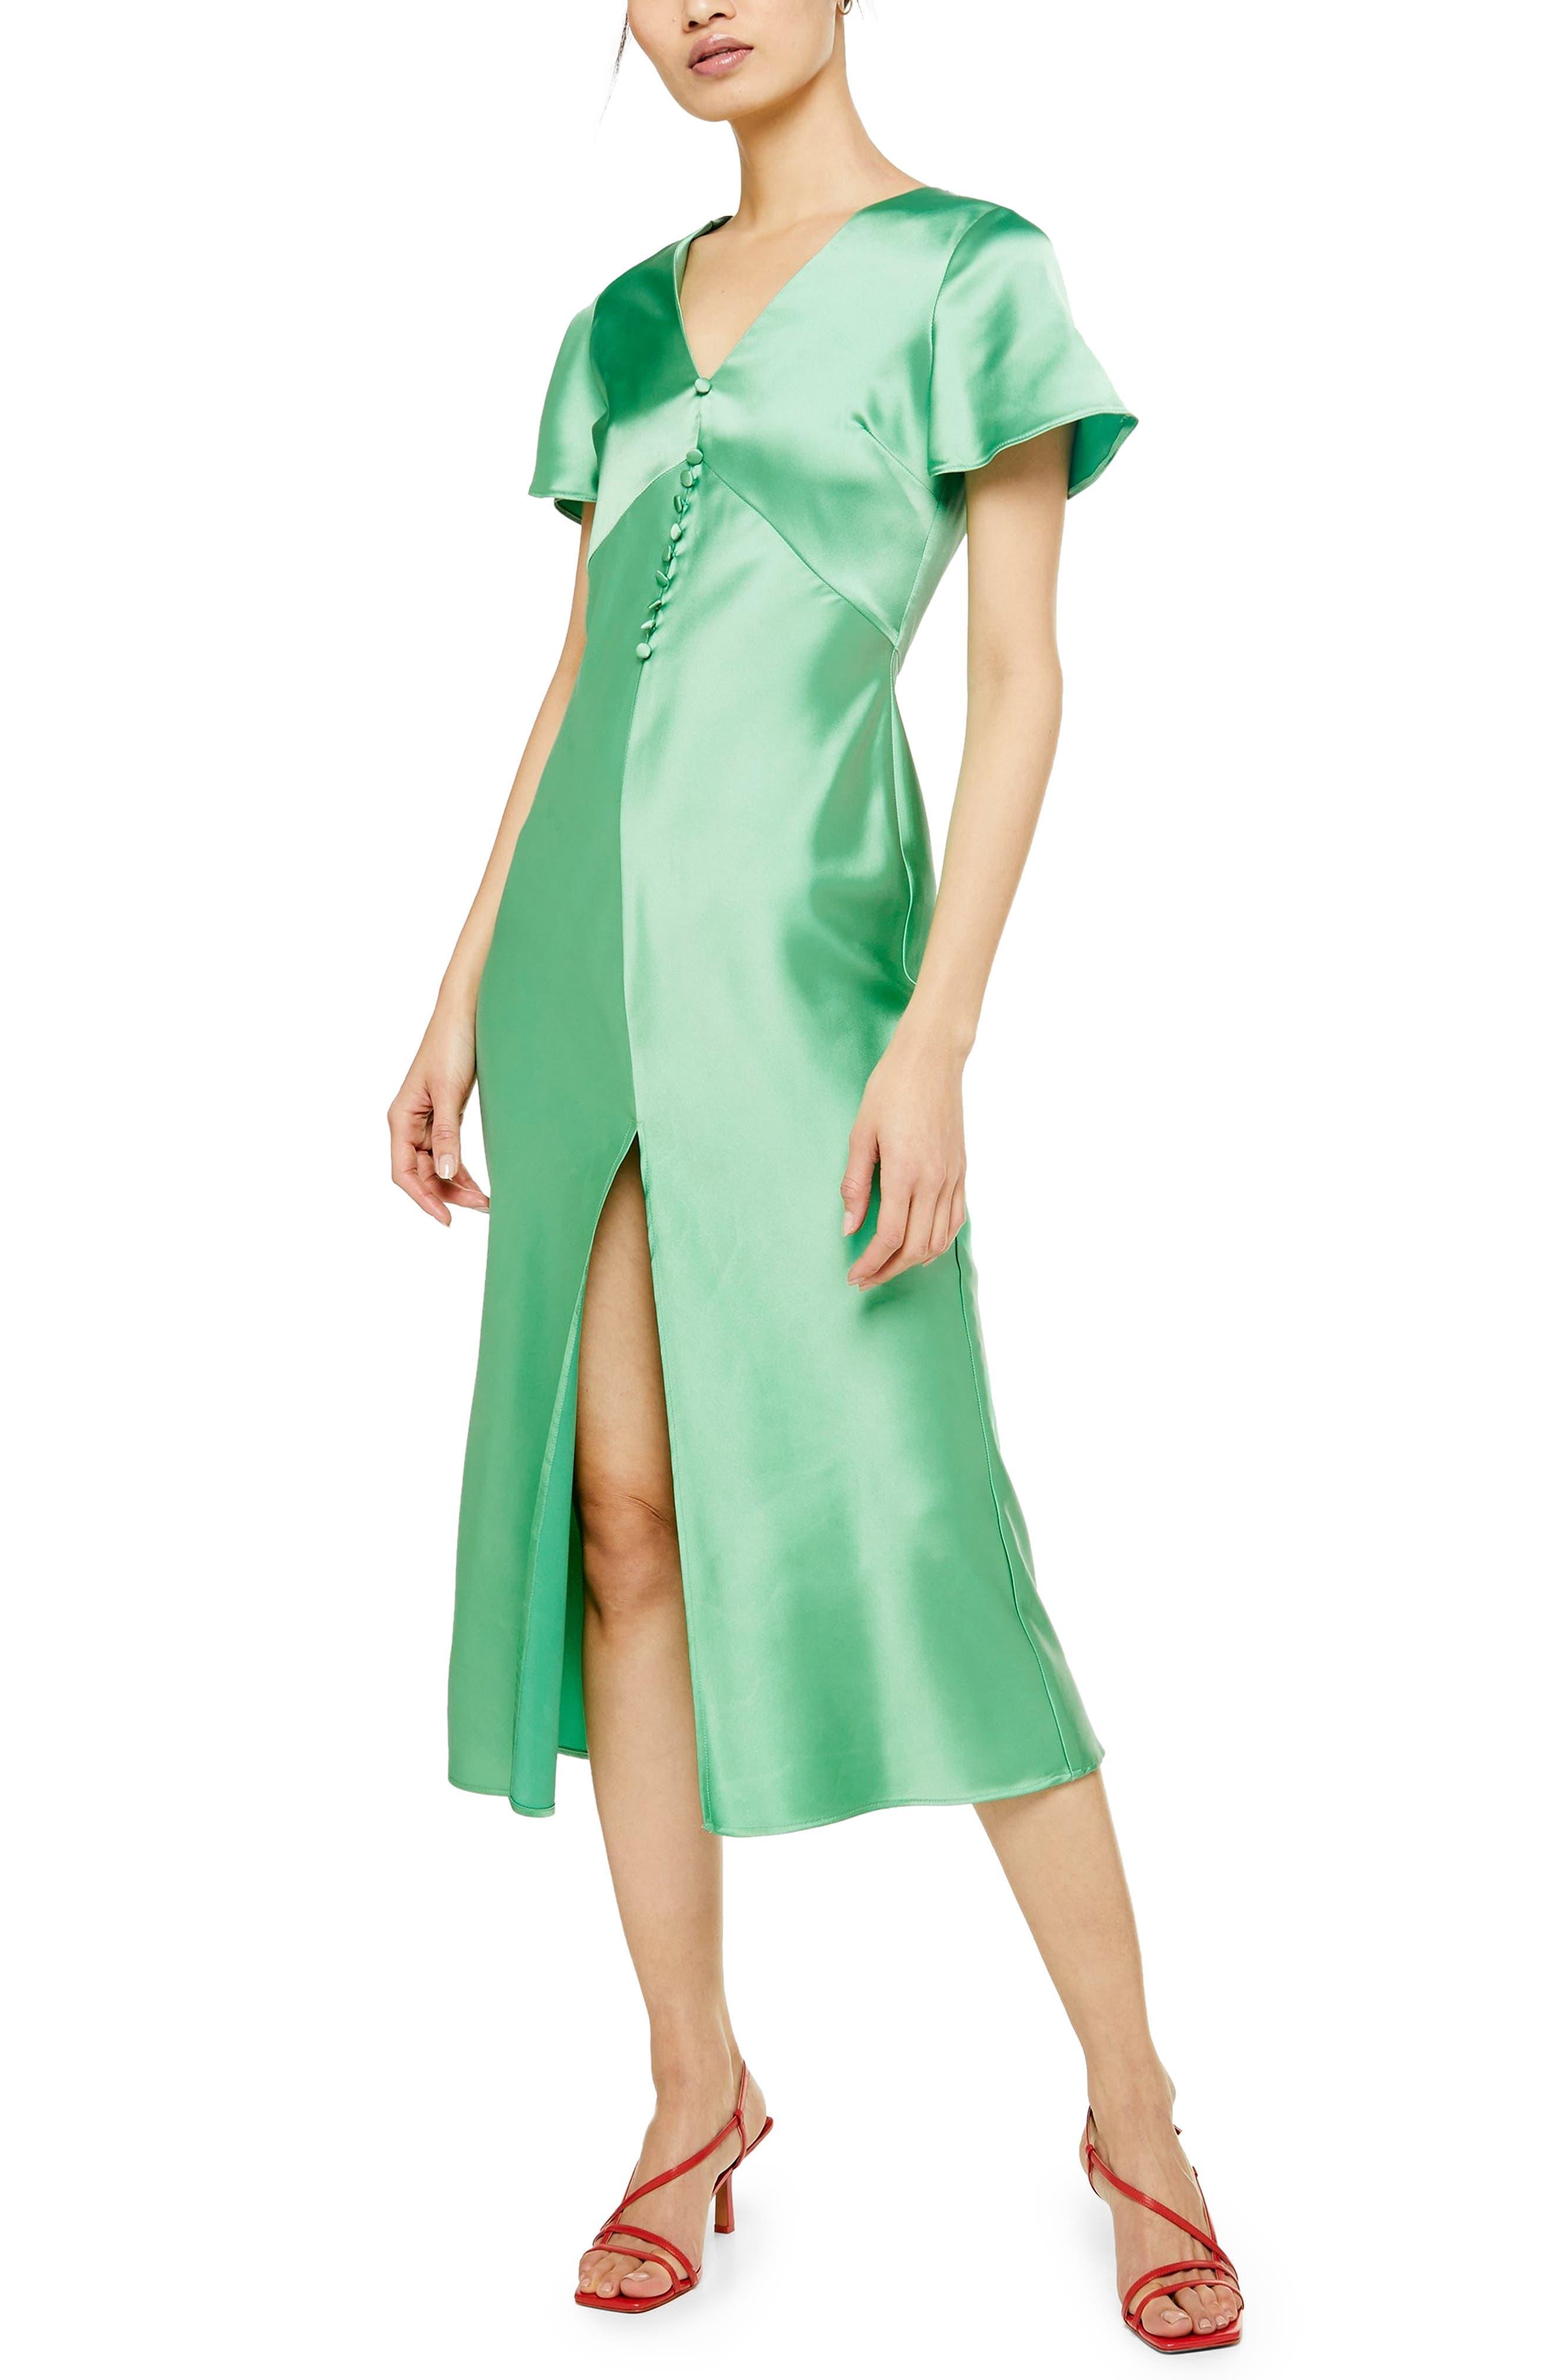 Topshop Angel Sleeve Bias Cut Satin Midi Dress, US (fits like 6-8) - Green